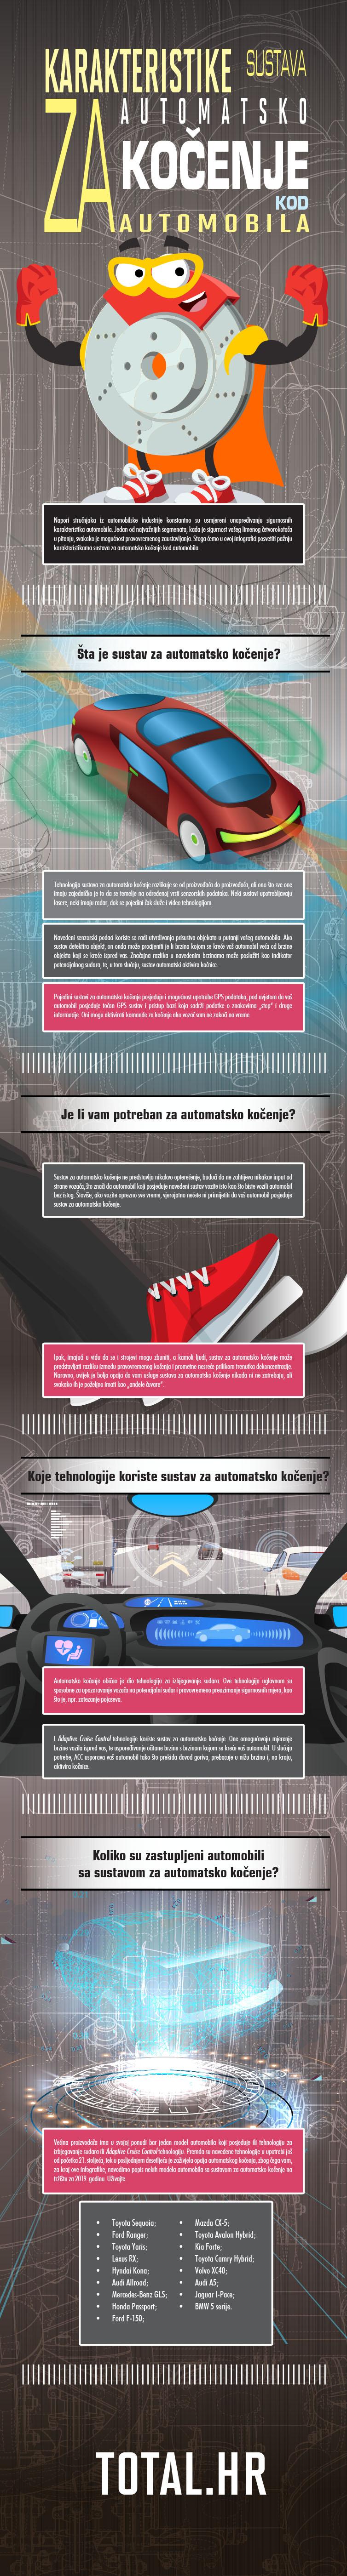 Karakteristike sustava za automatsko kočenje kod automobila